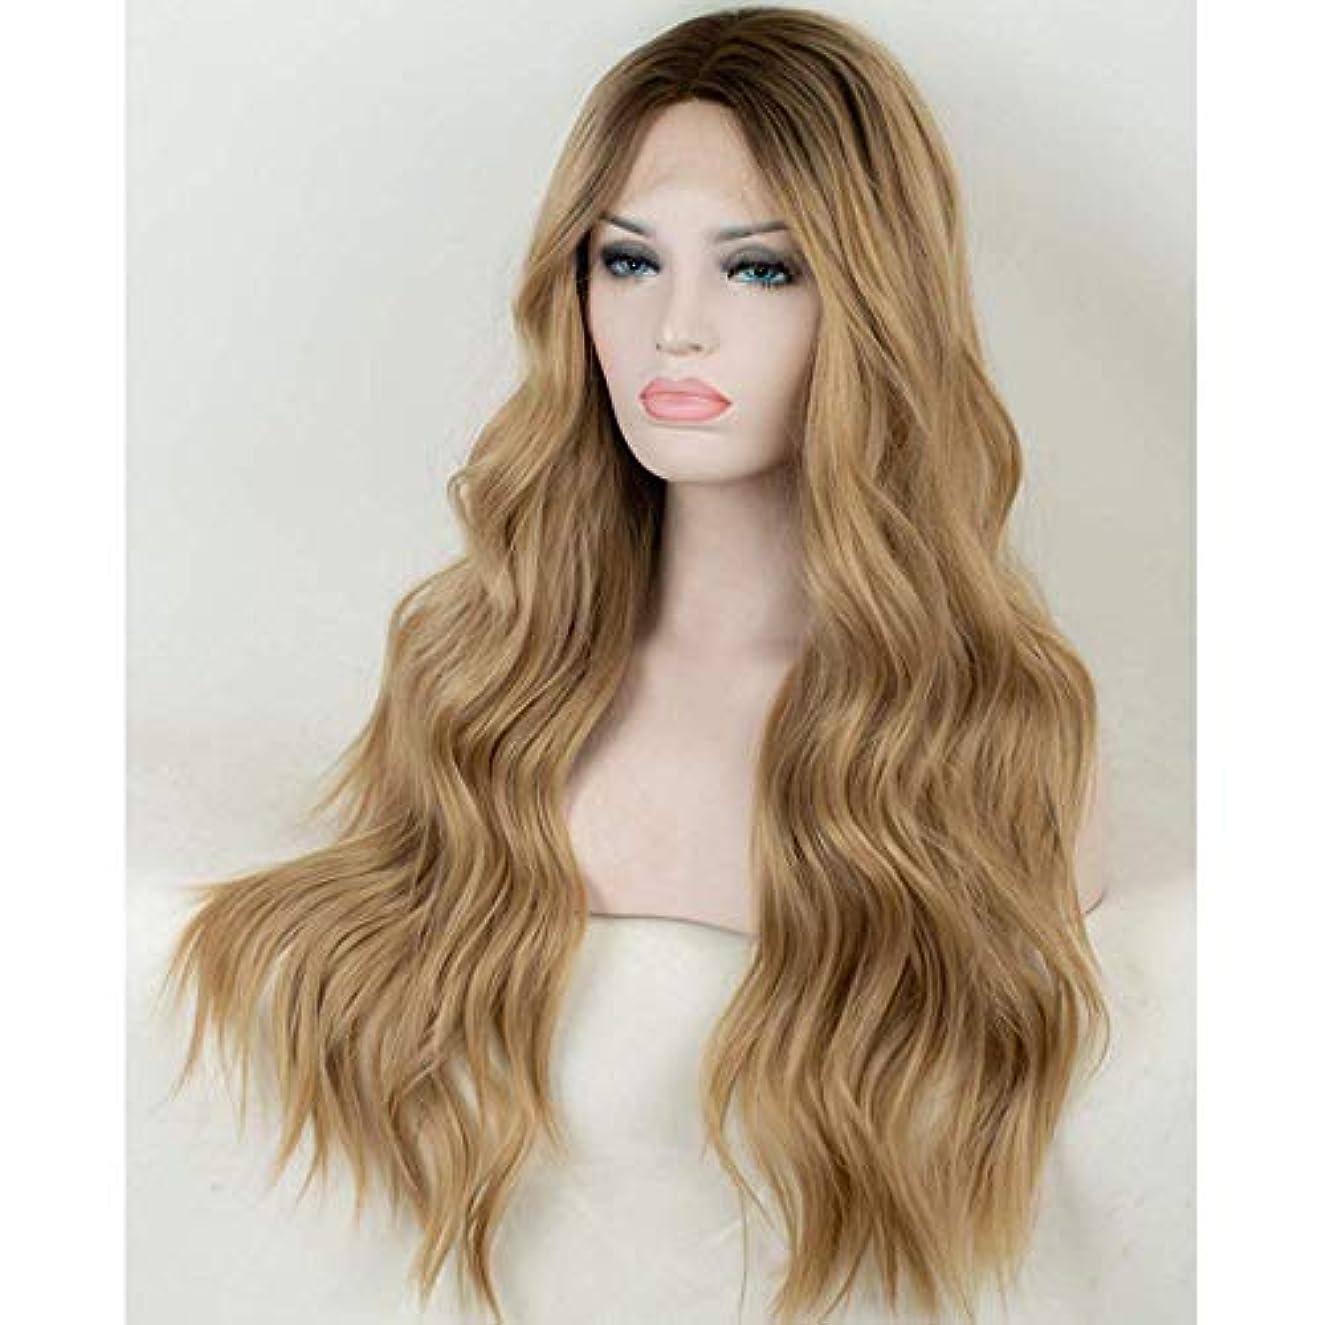 サービスくつろぎ裸女性のための色のかつら長いウェーブのかかった髪、高密度温度合成かつら女性のグルーレスウェーブのかかったコスプレヘアウィッグ、女性のための耐熱繊維の髪のかつら、黄色のウィッグ29.52インチ